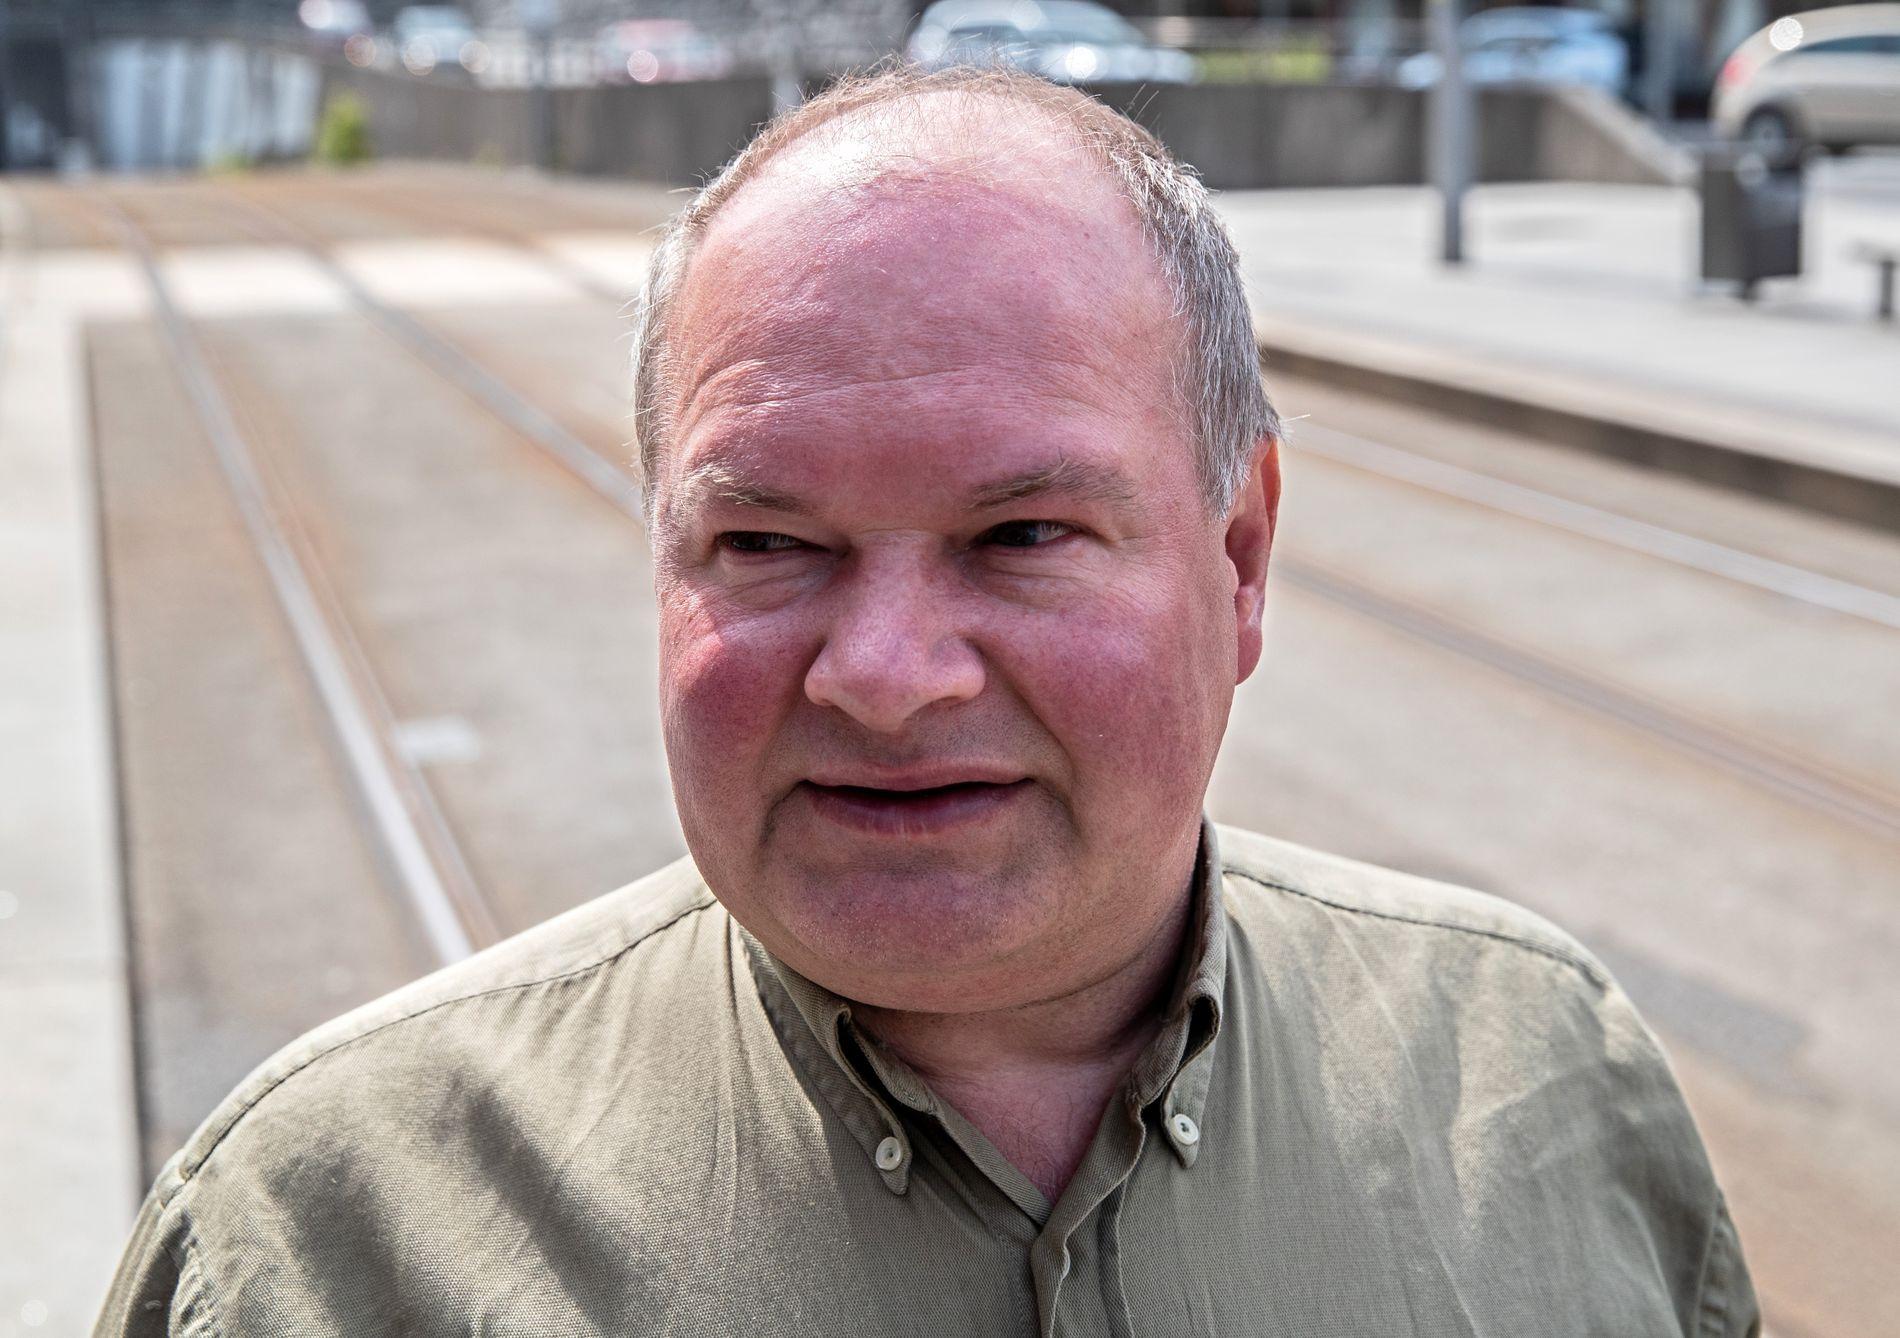 FORNØYD: Trym Aafløy, førstekandidat for Folkeaksjonen nei til mer bompenger i Bergen, har grunn til å smile etter VGs partibarometer.